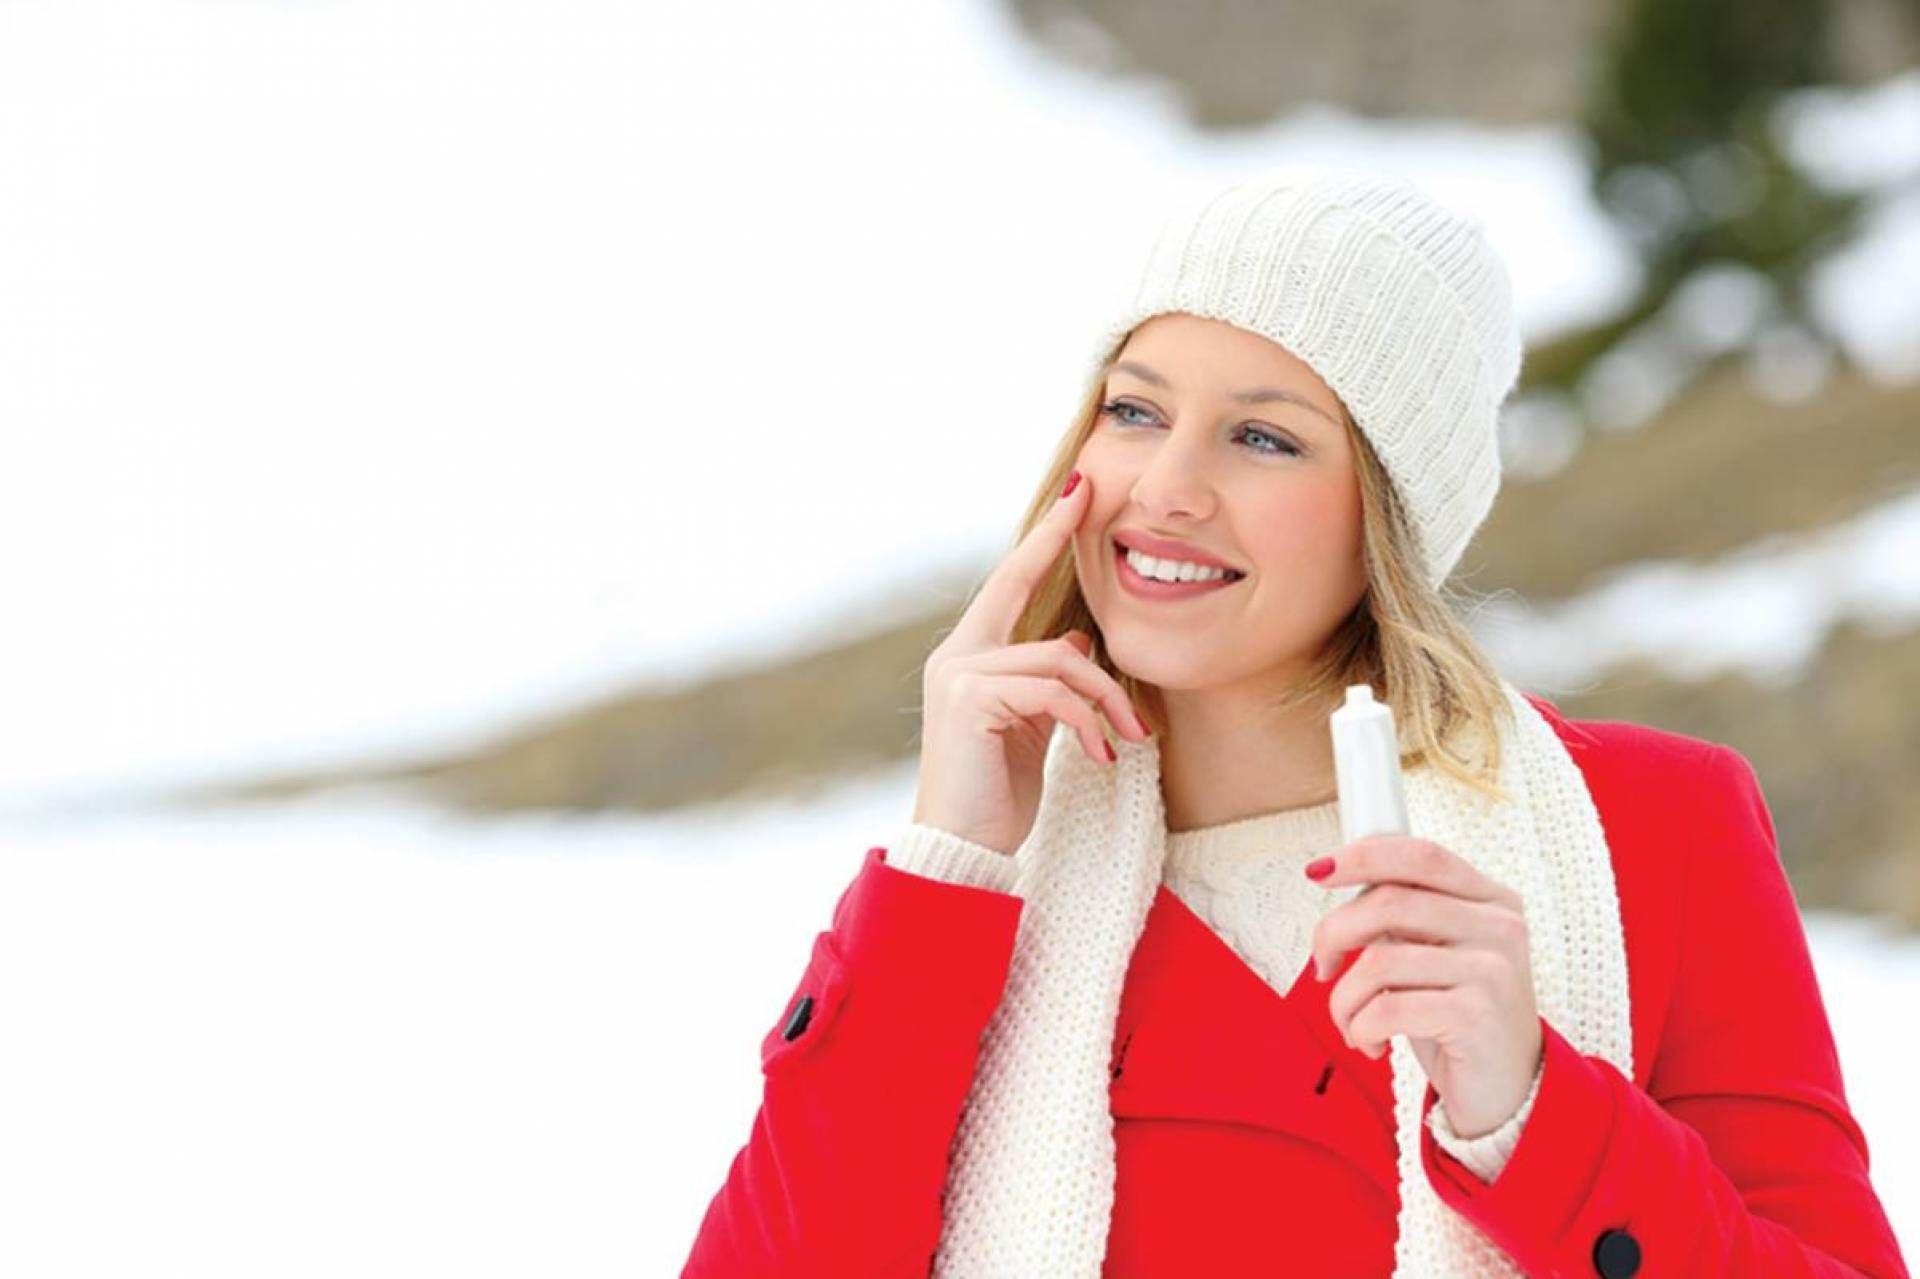 خطوات للعناية بالبشرة في فصل الشتاء مجلة لها خلال فصل الشتاء وموسم البرد يعاني كثيرون من جفاف البشرة والتشققات المختلفة إنه الوق Fashion Winter Hats Winter